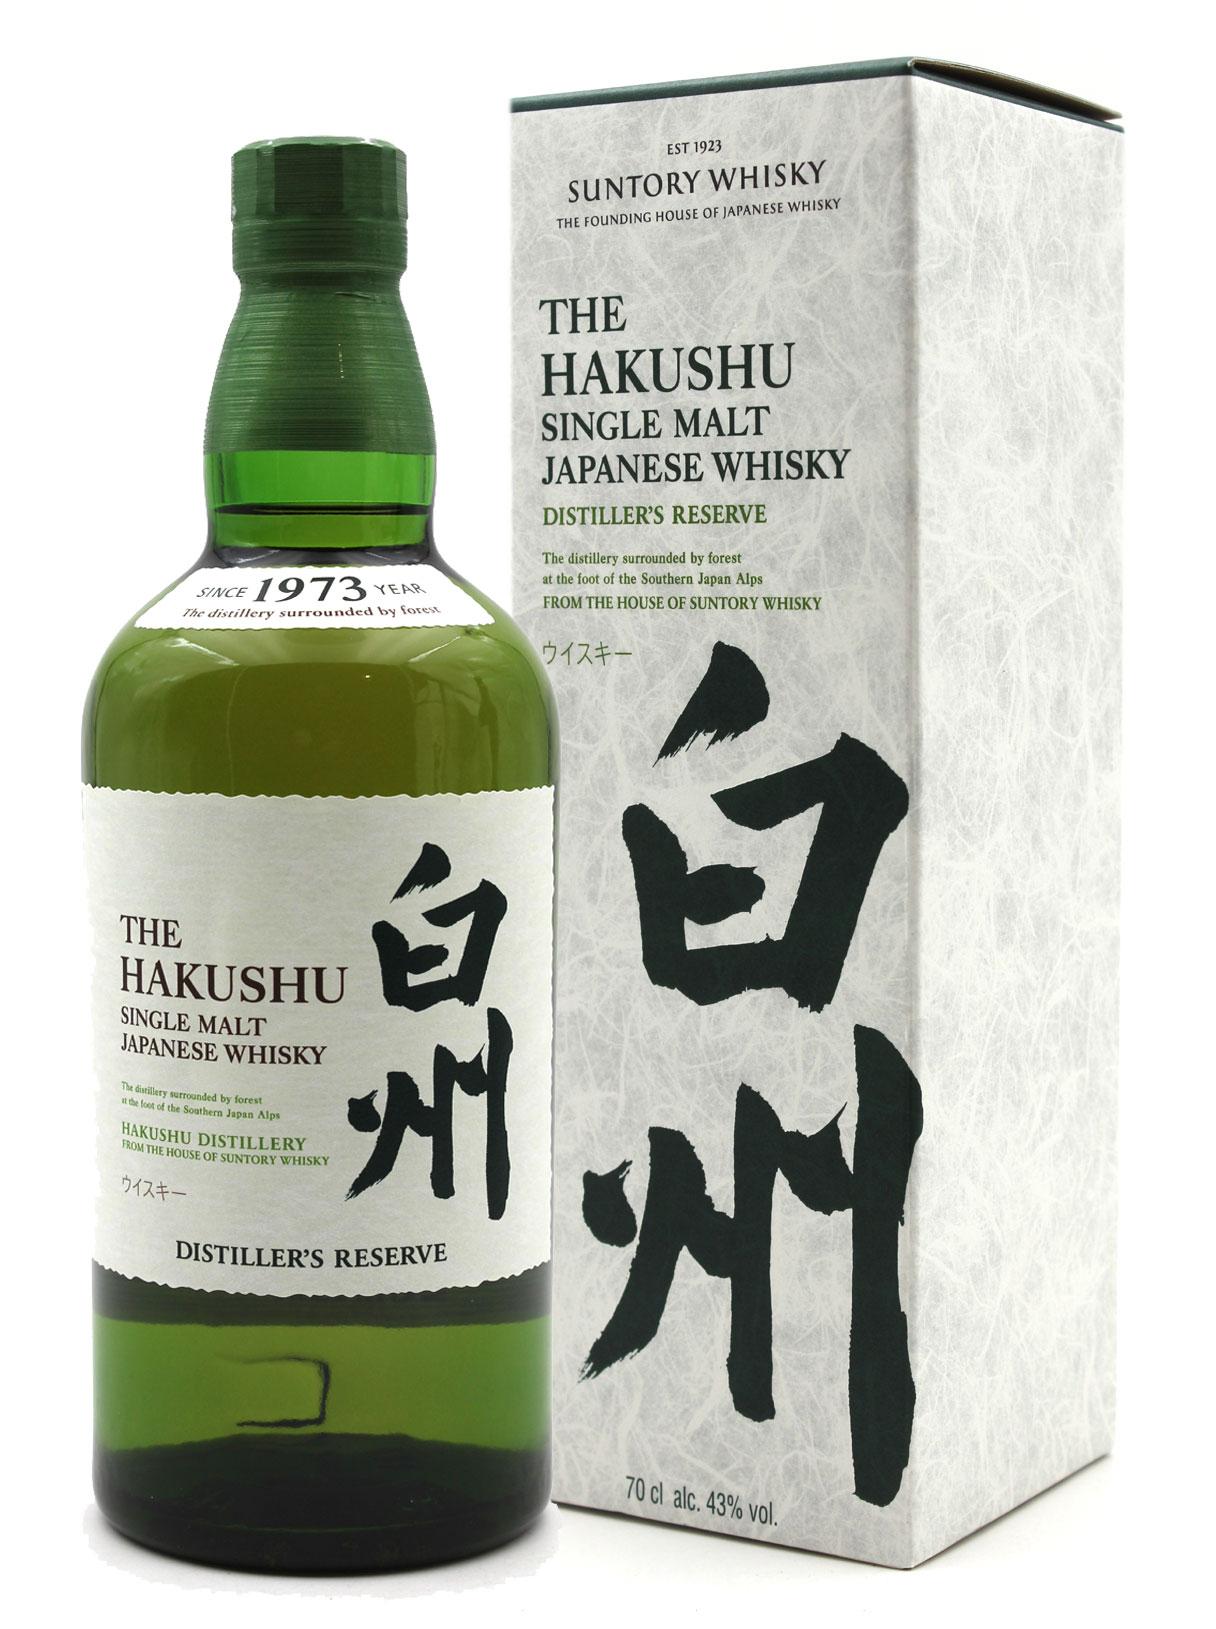 Hakushu Distiller\'s Reserve Suntory Whisky Japanese 43% - 70cl